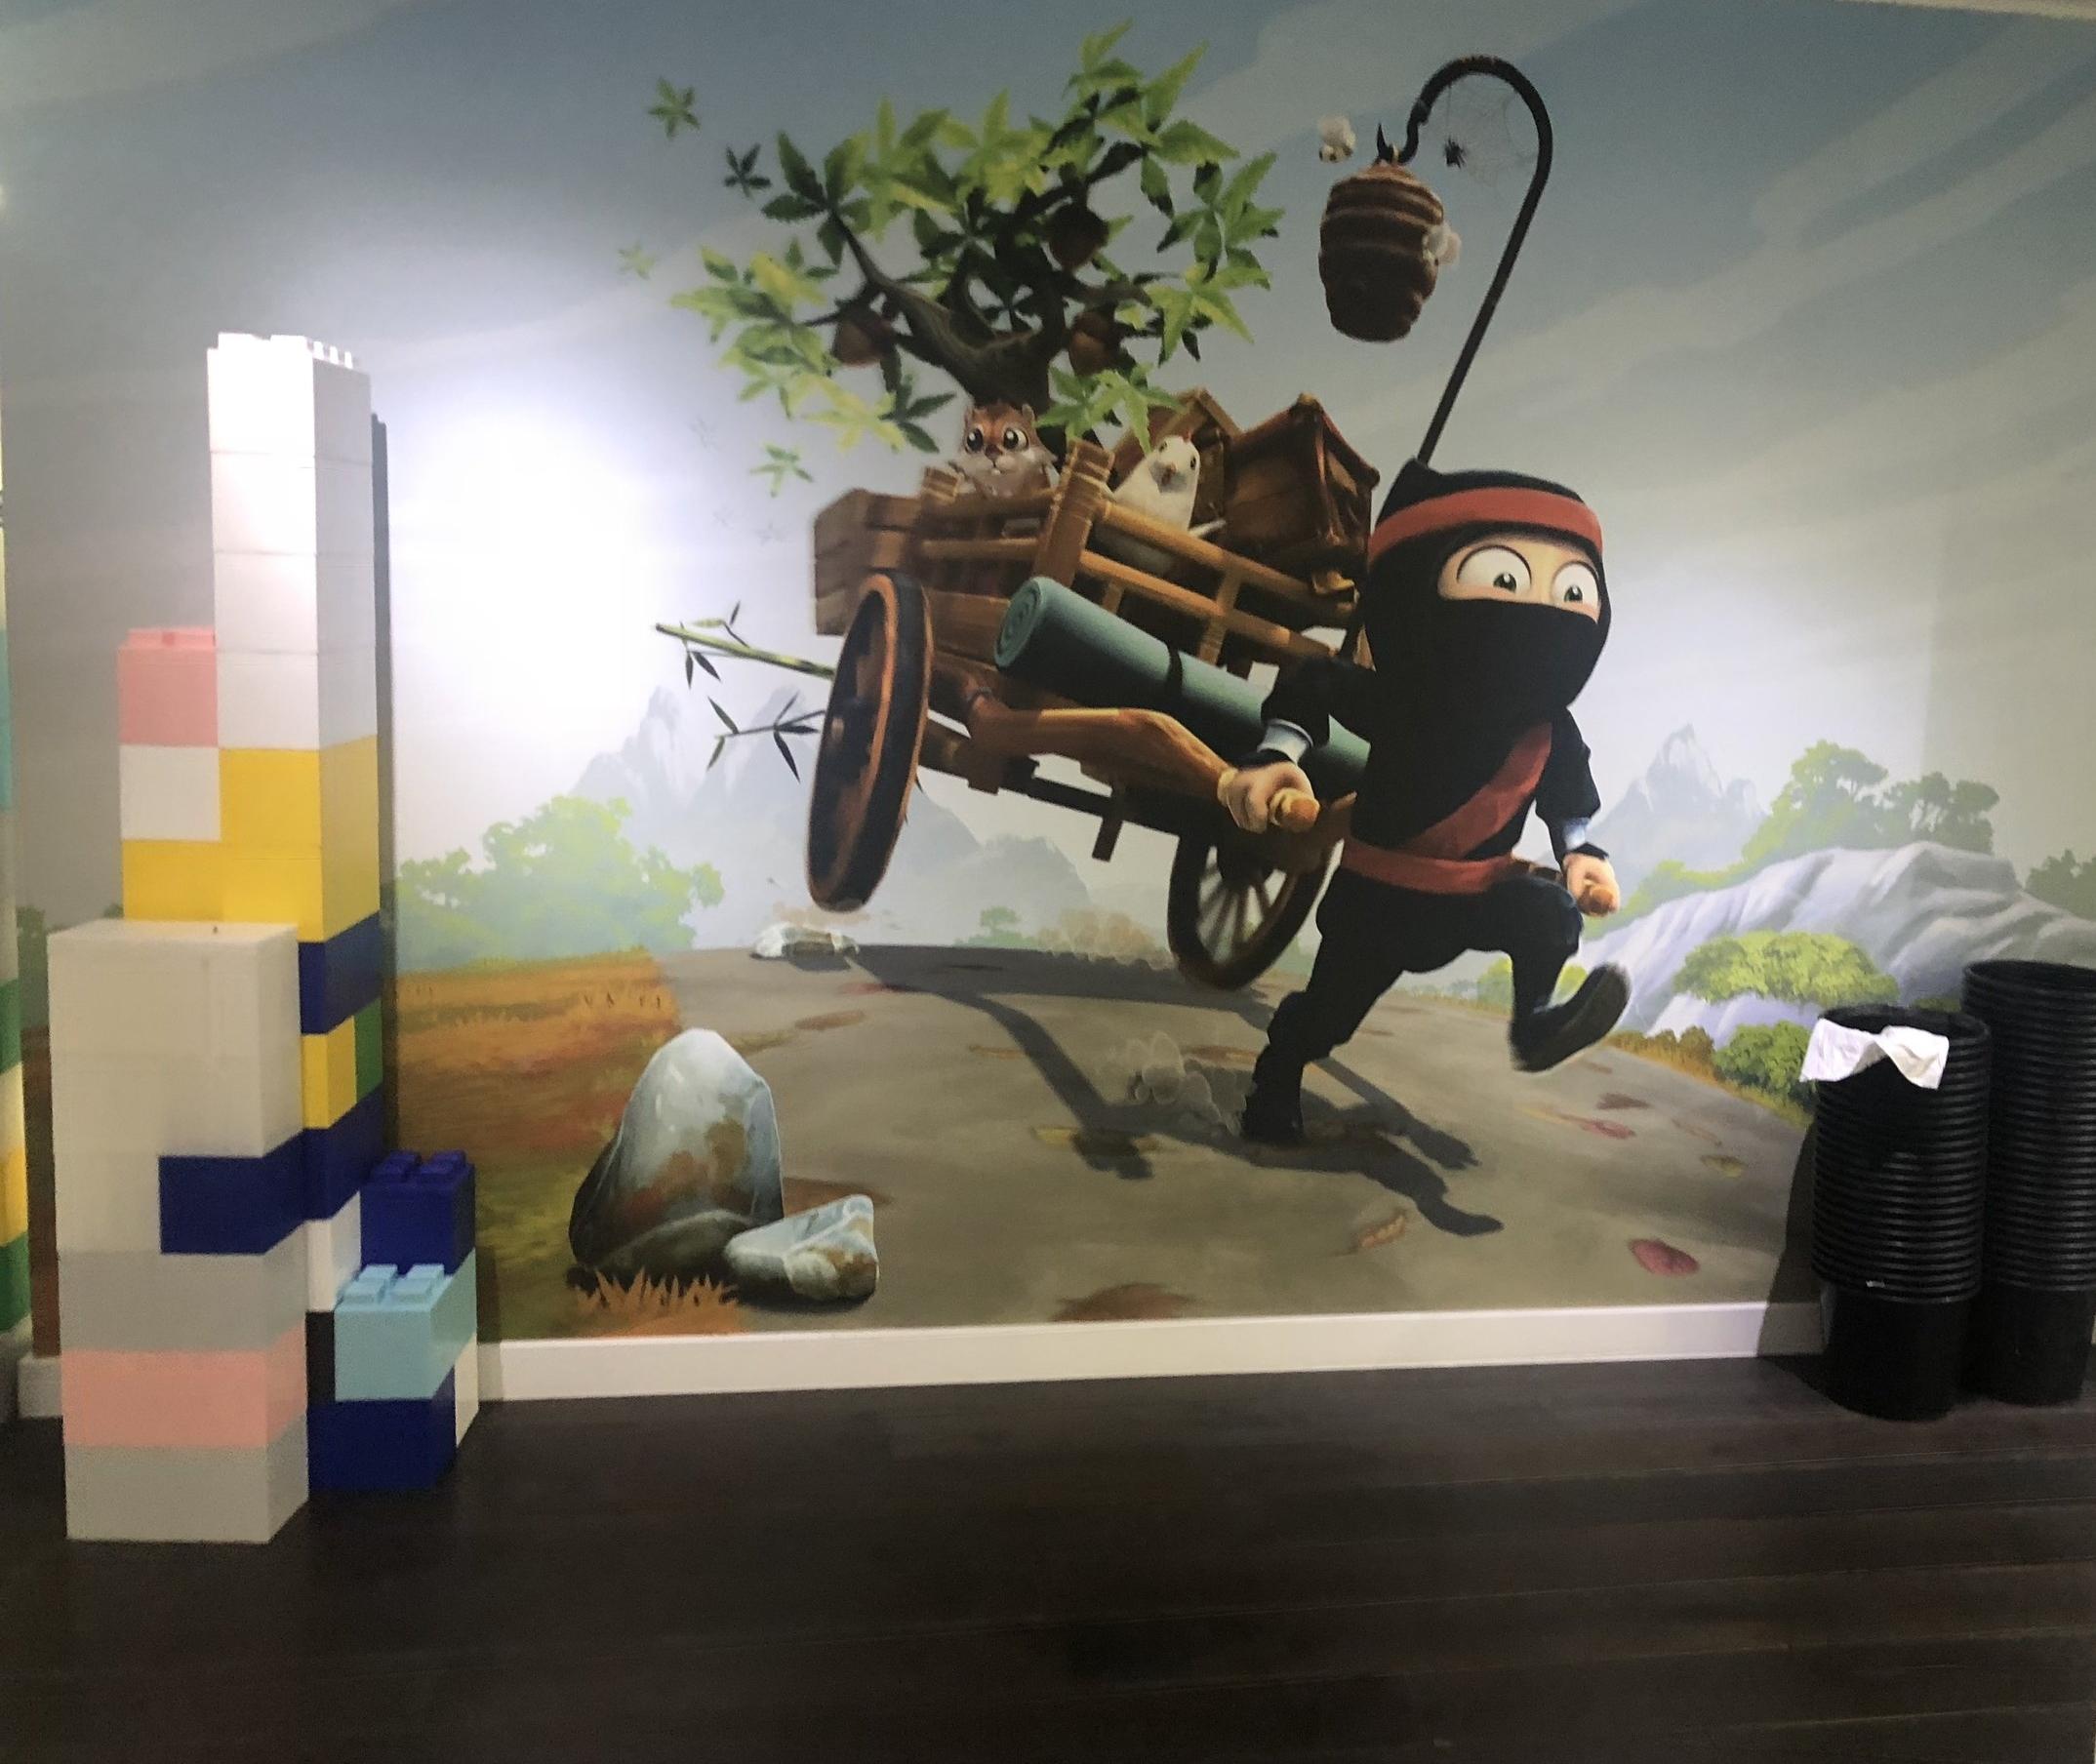 Gaming wall art